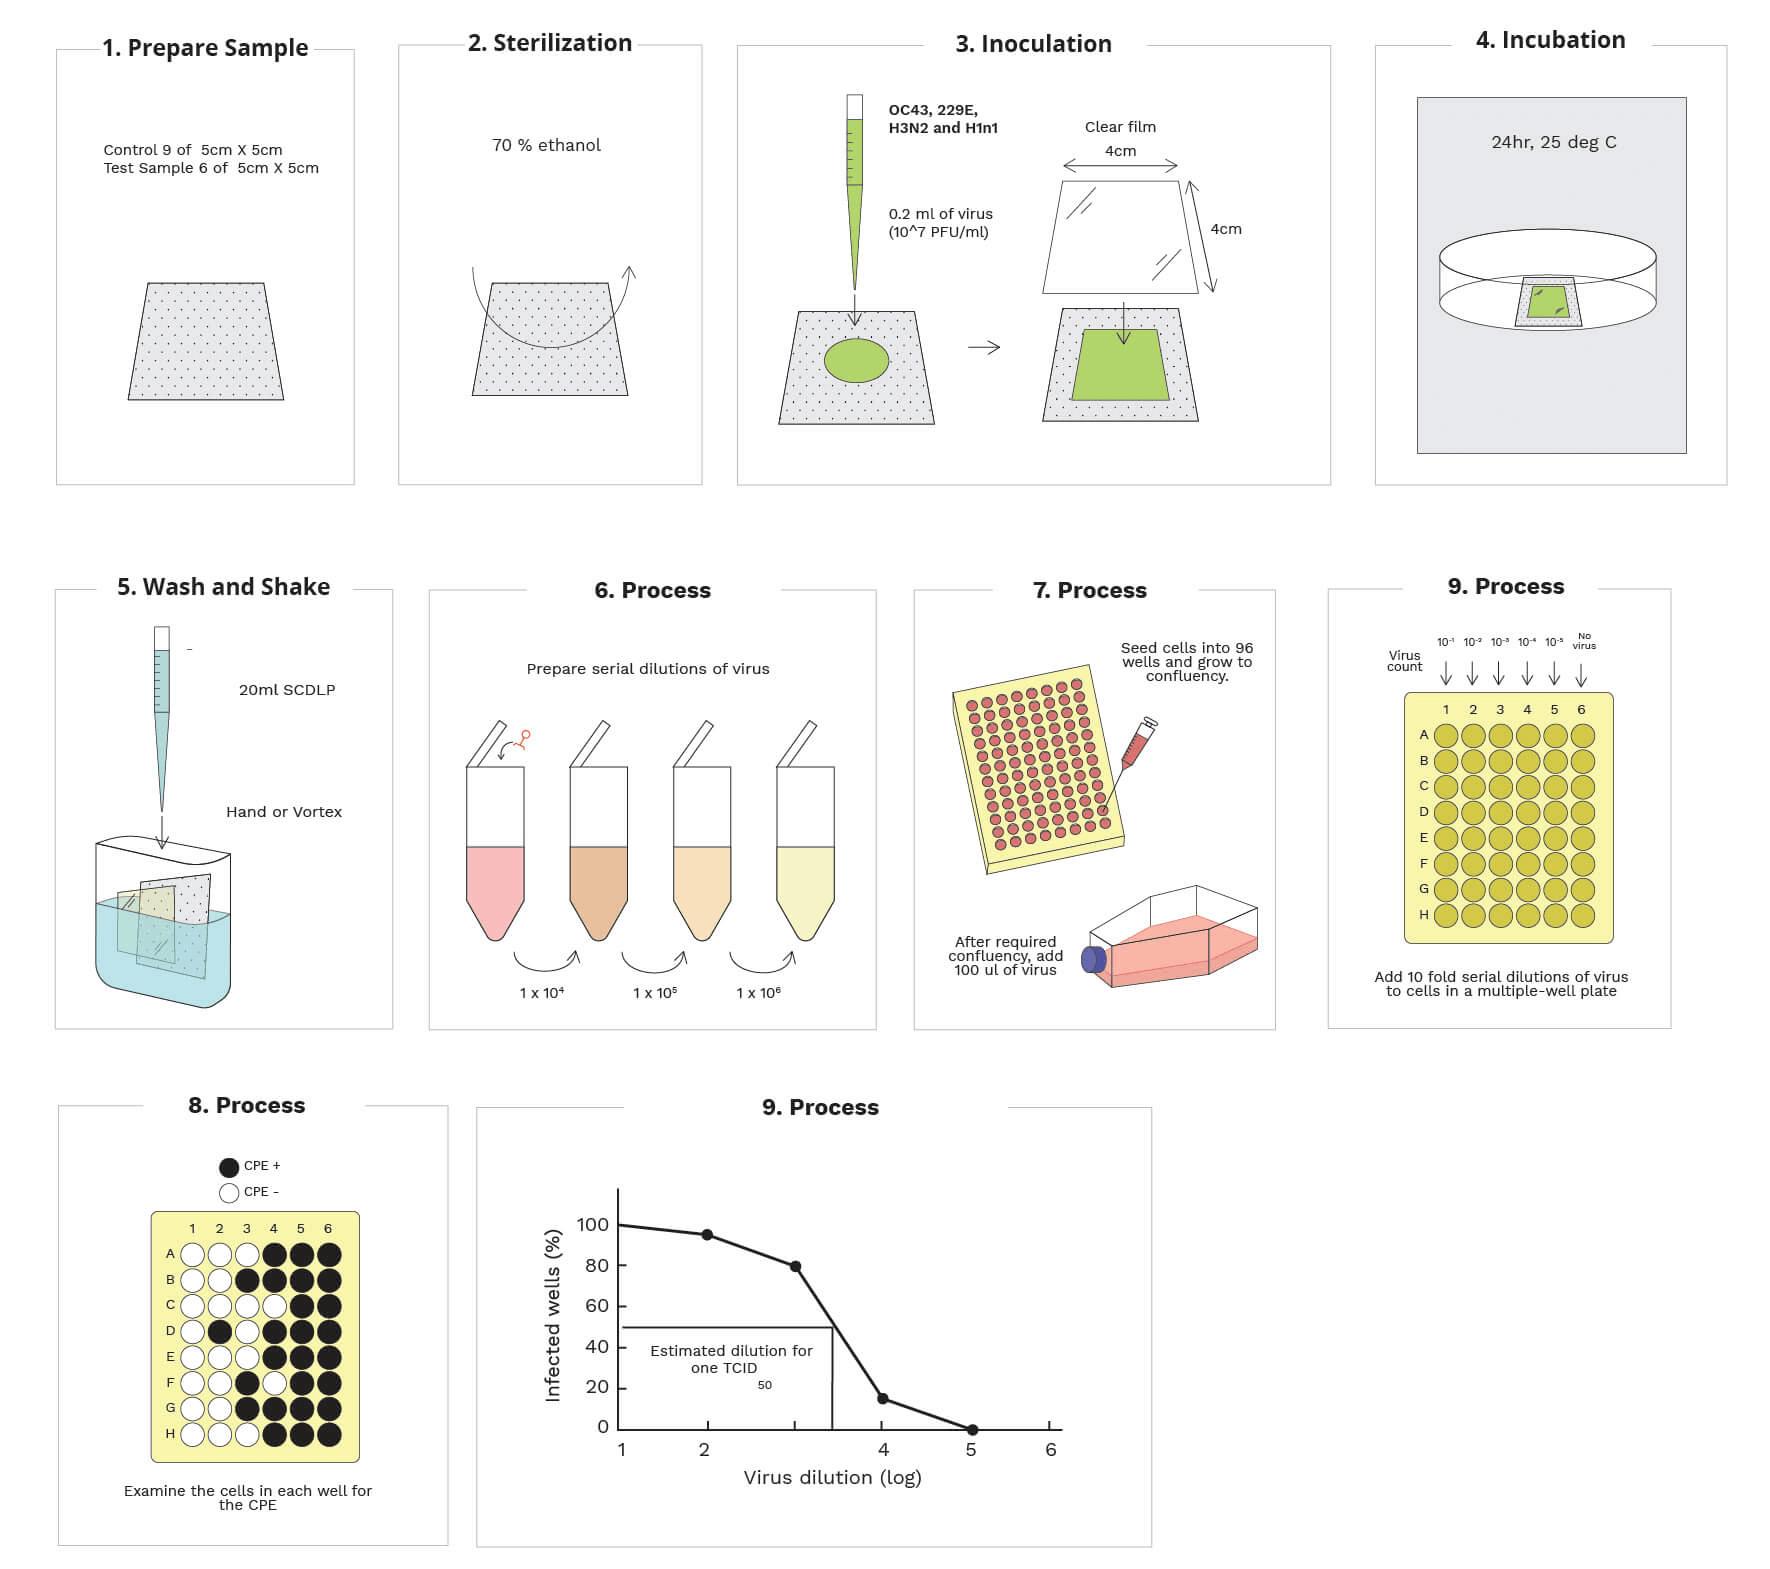 iso 21702 testing method